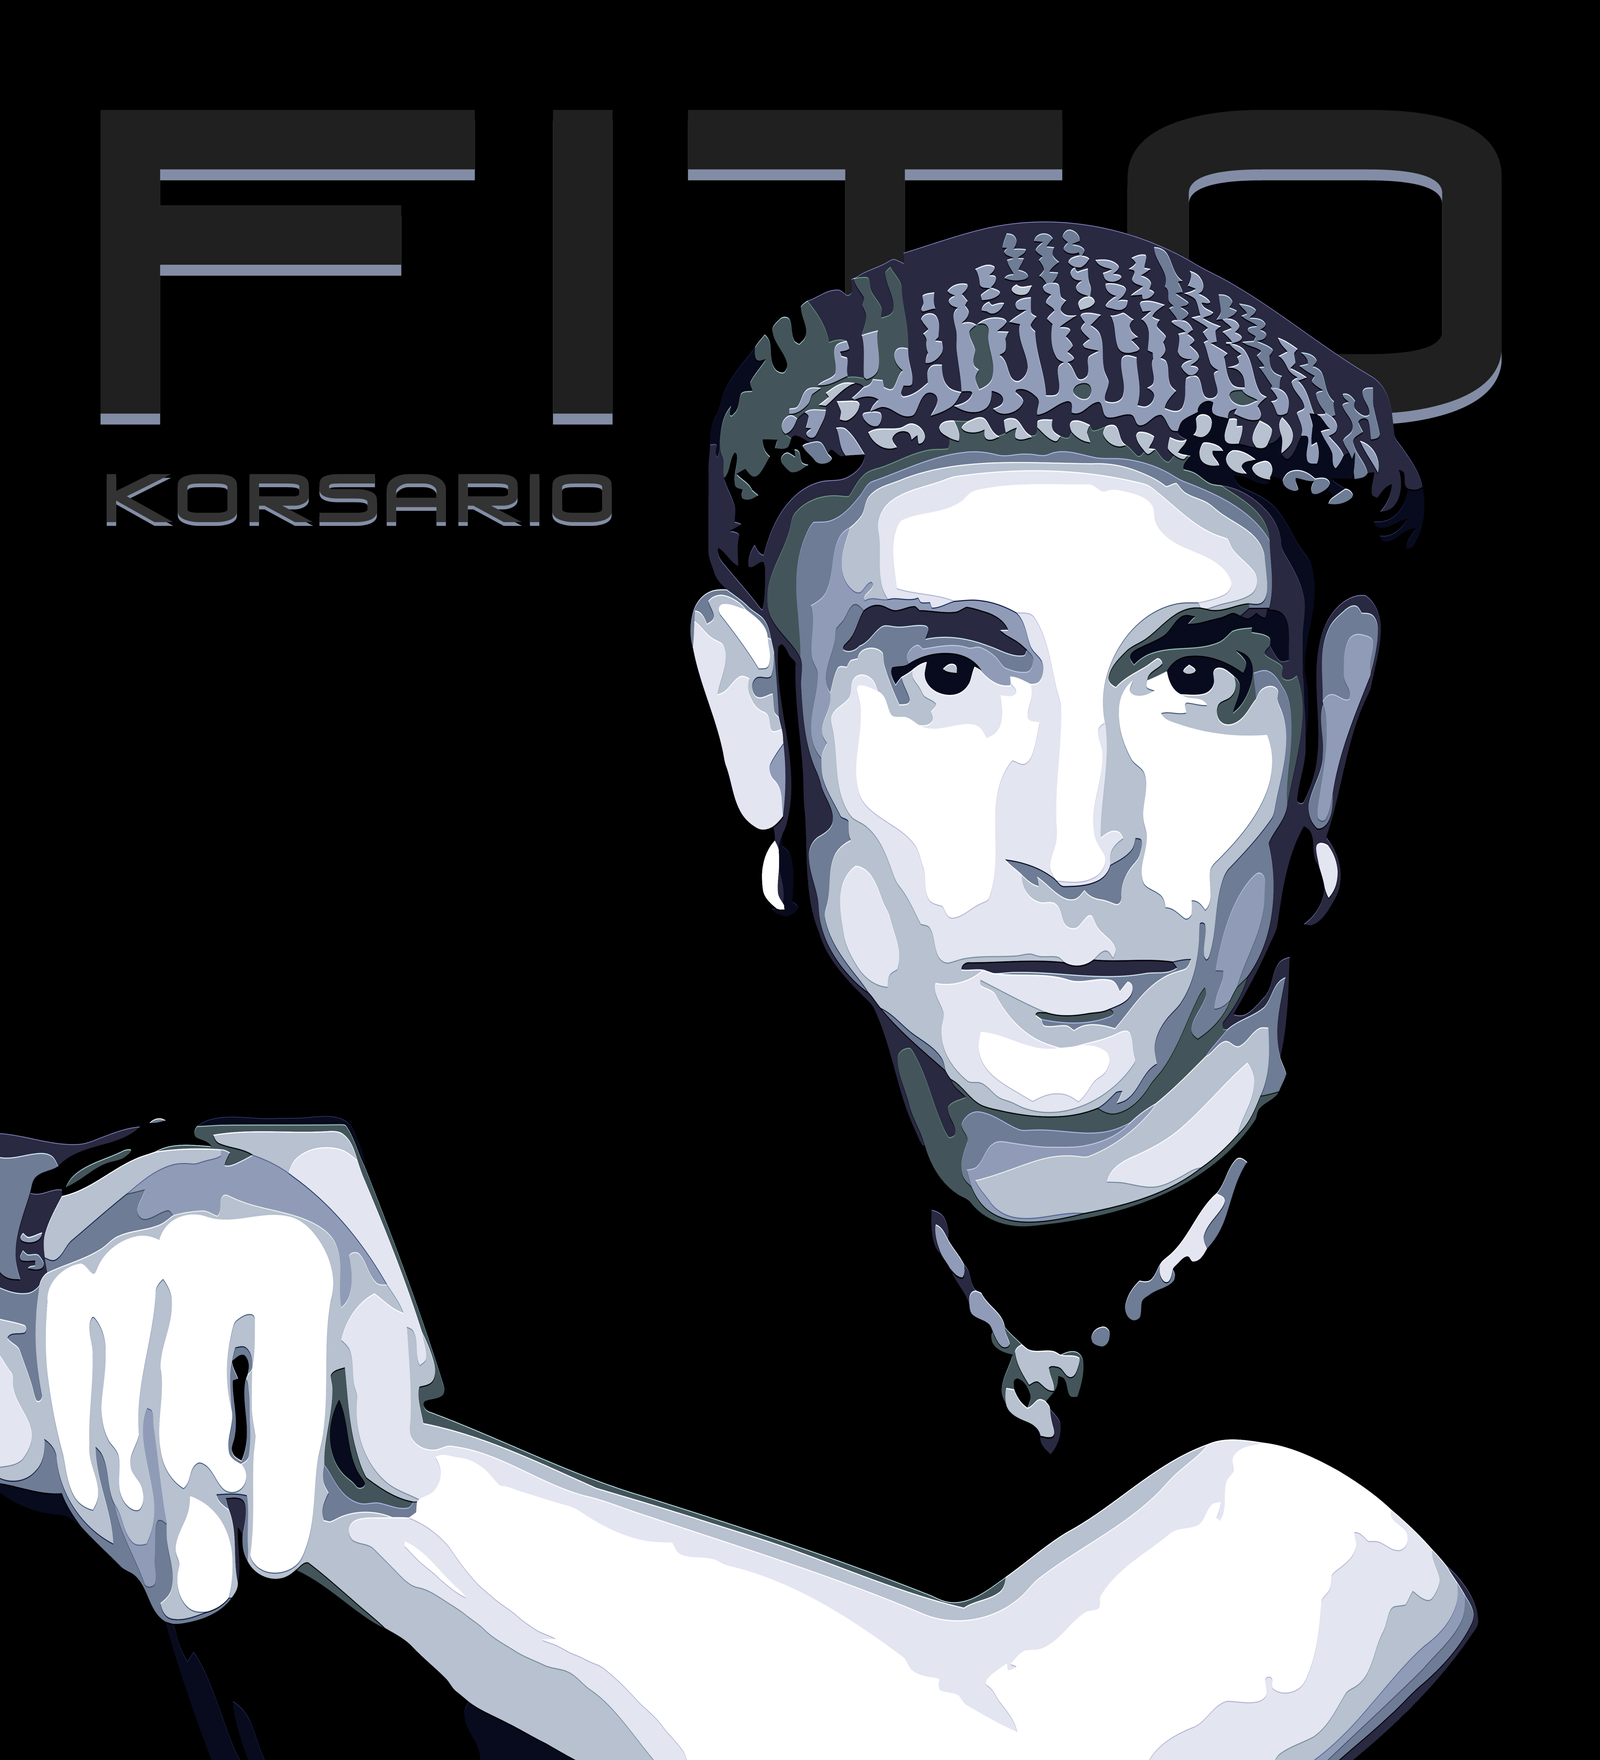 Fito my Bro by ivankorsario